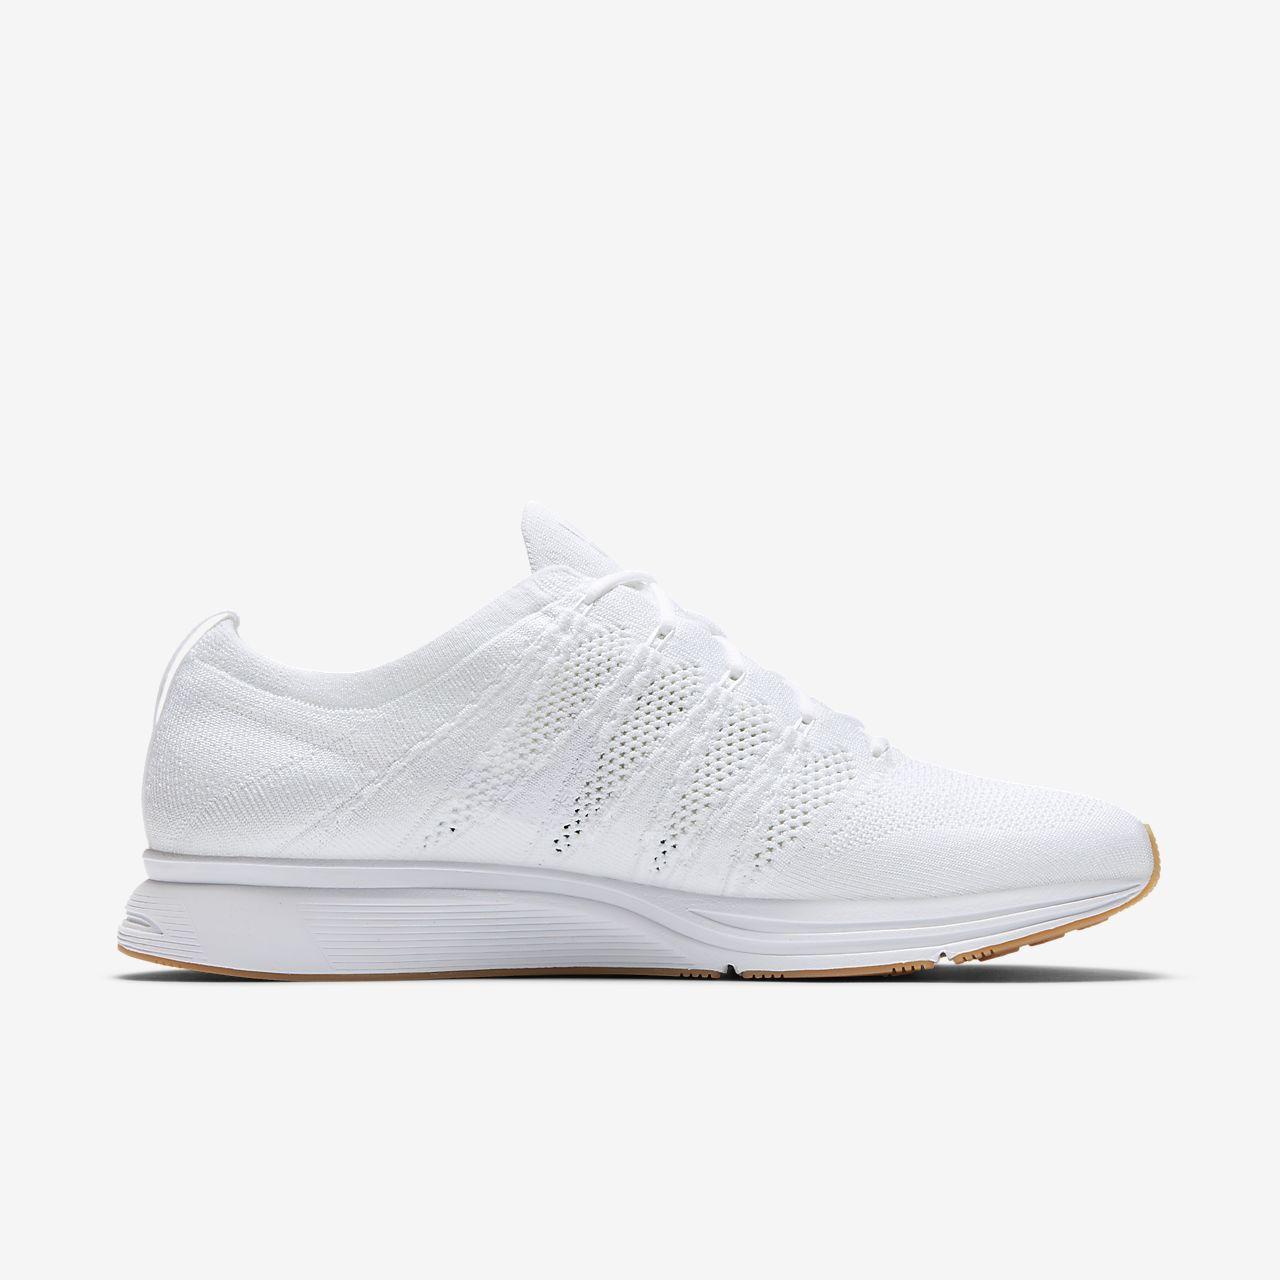 buy online 7d930 3780e Nike Flyknit Trainer